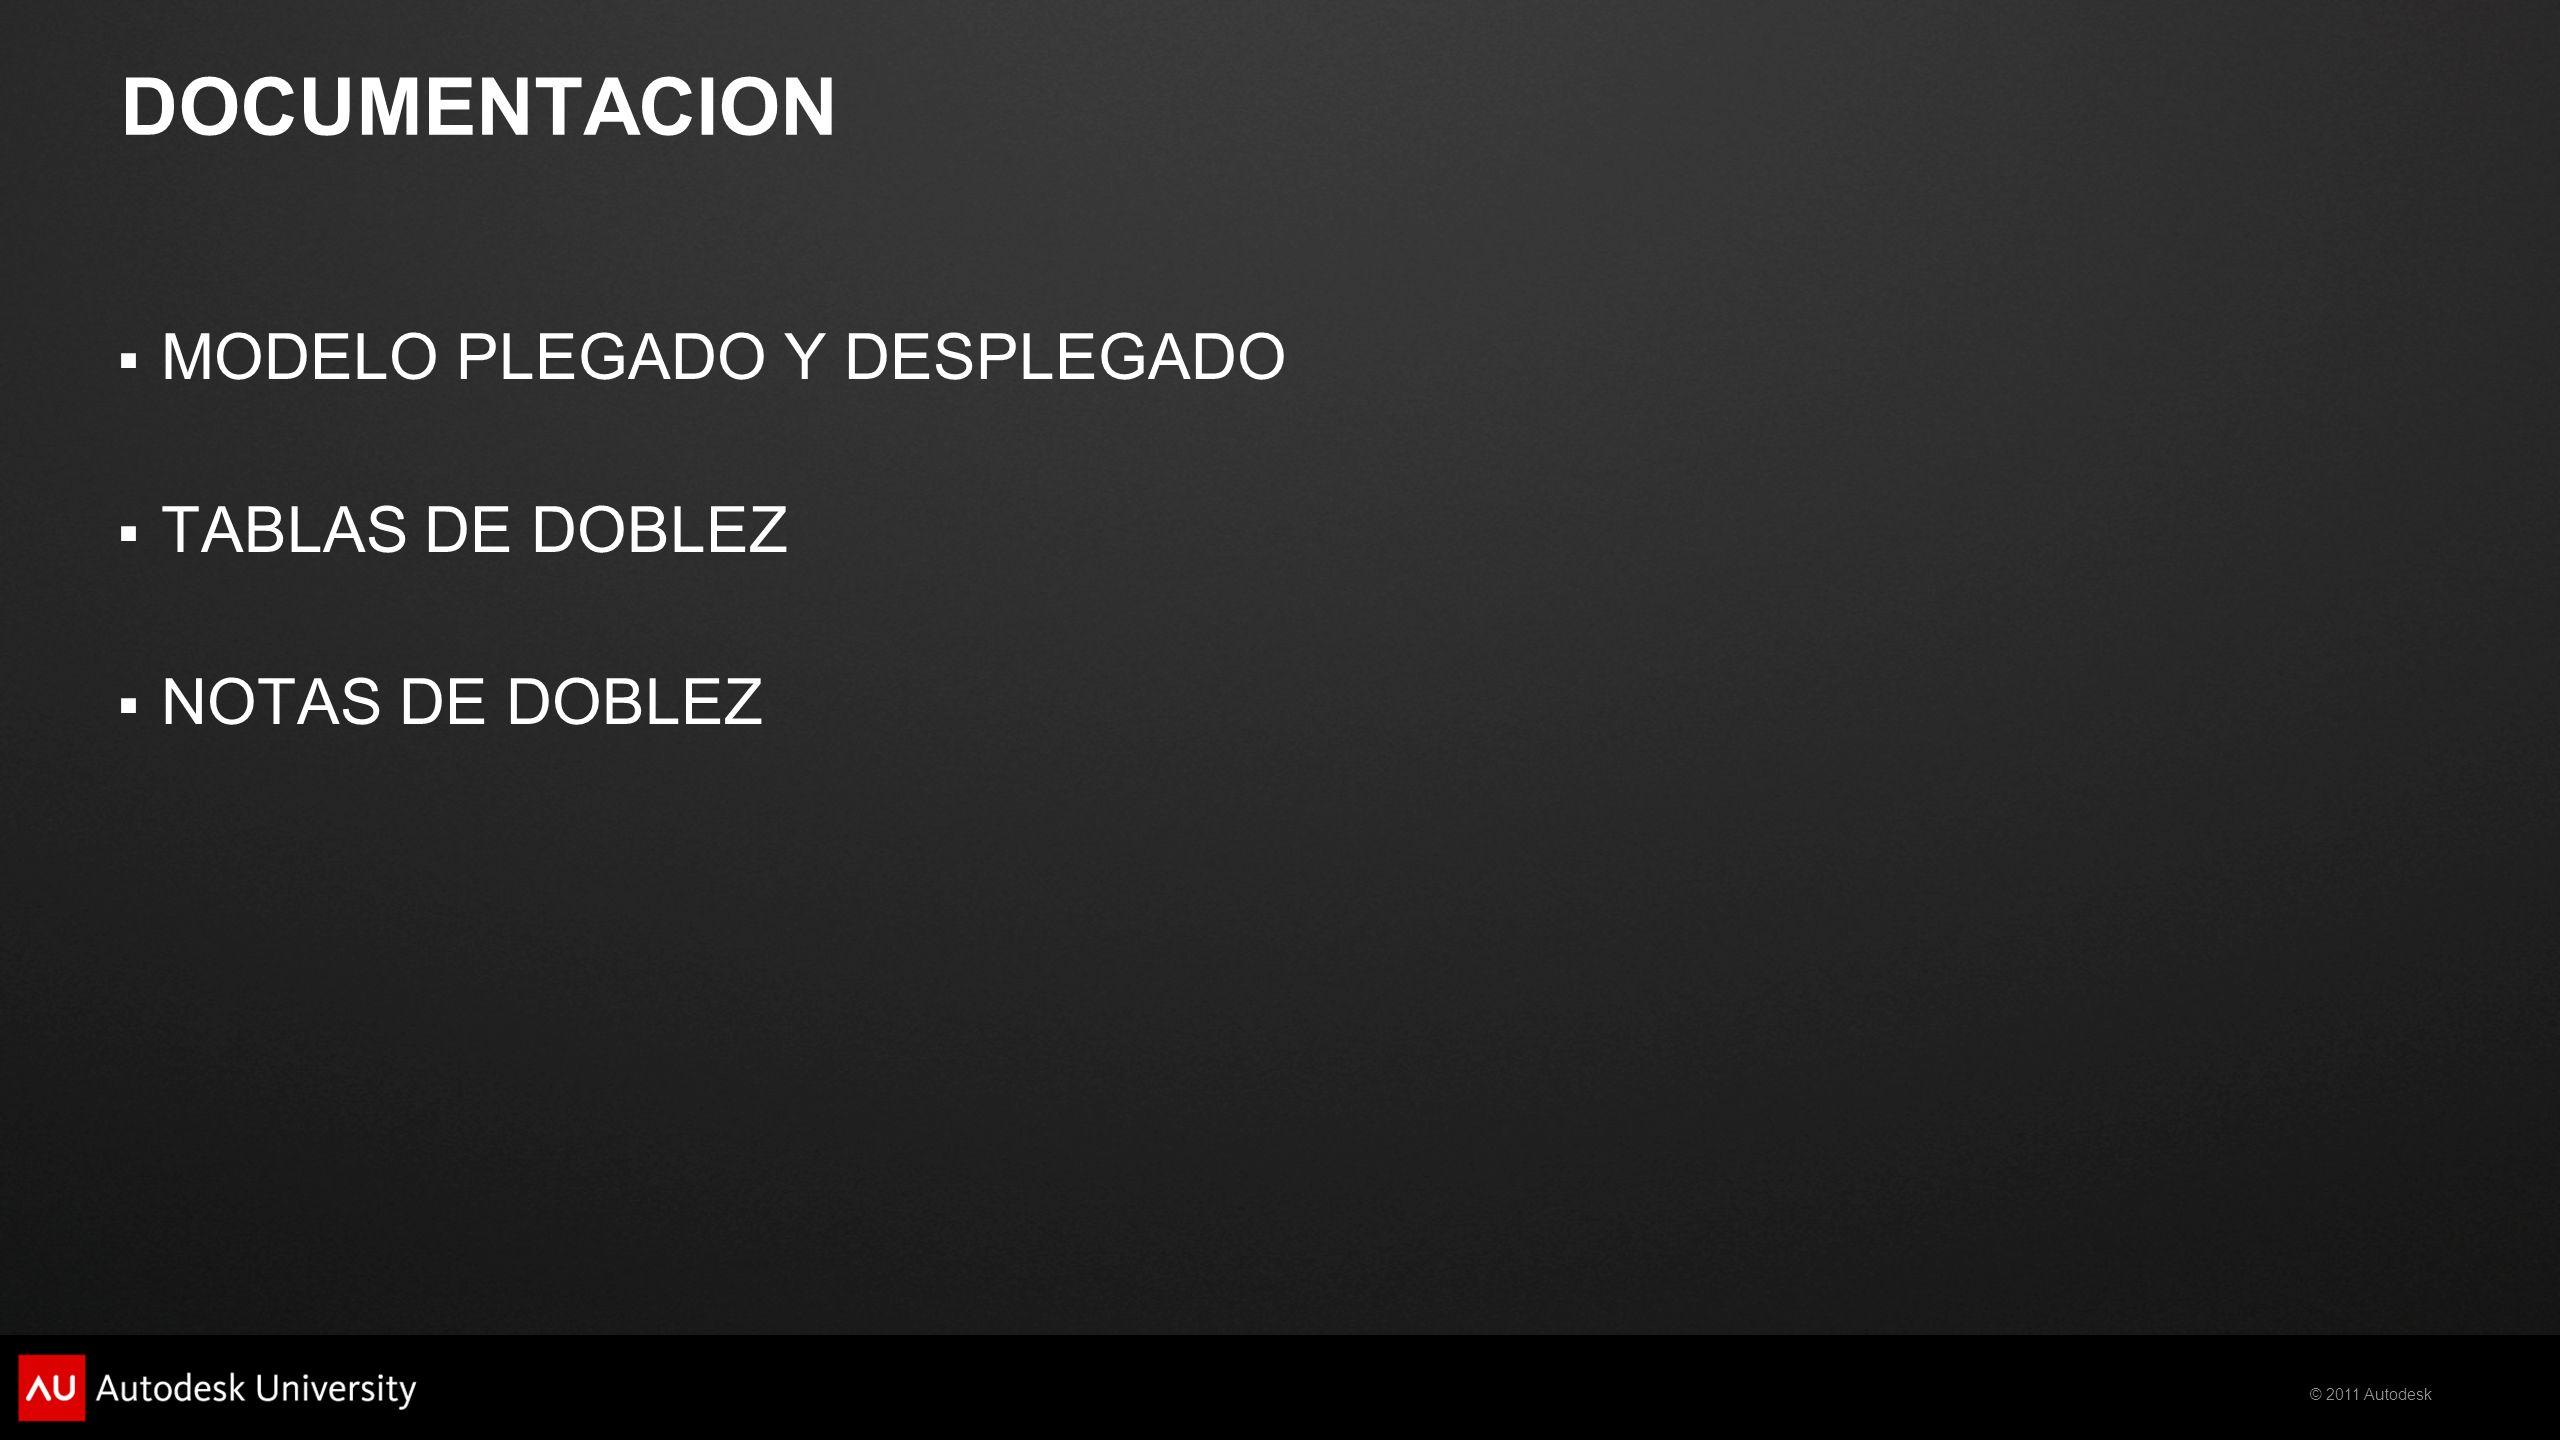 DOCUMENTACION MODELO PLEGADO Y DESPLEGADO TABLAS DE DOBLEZ